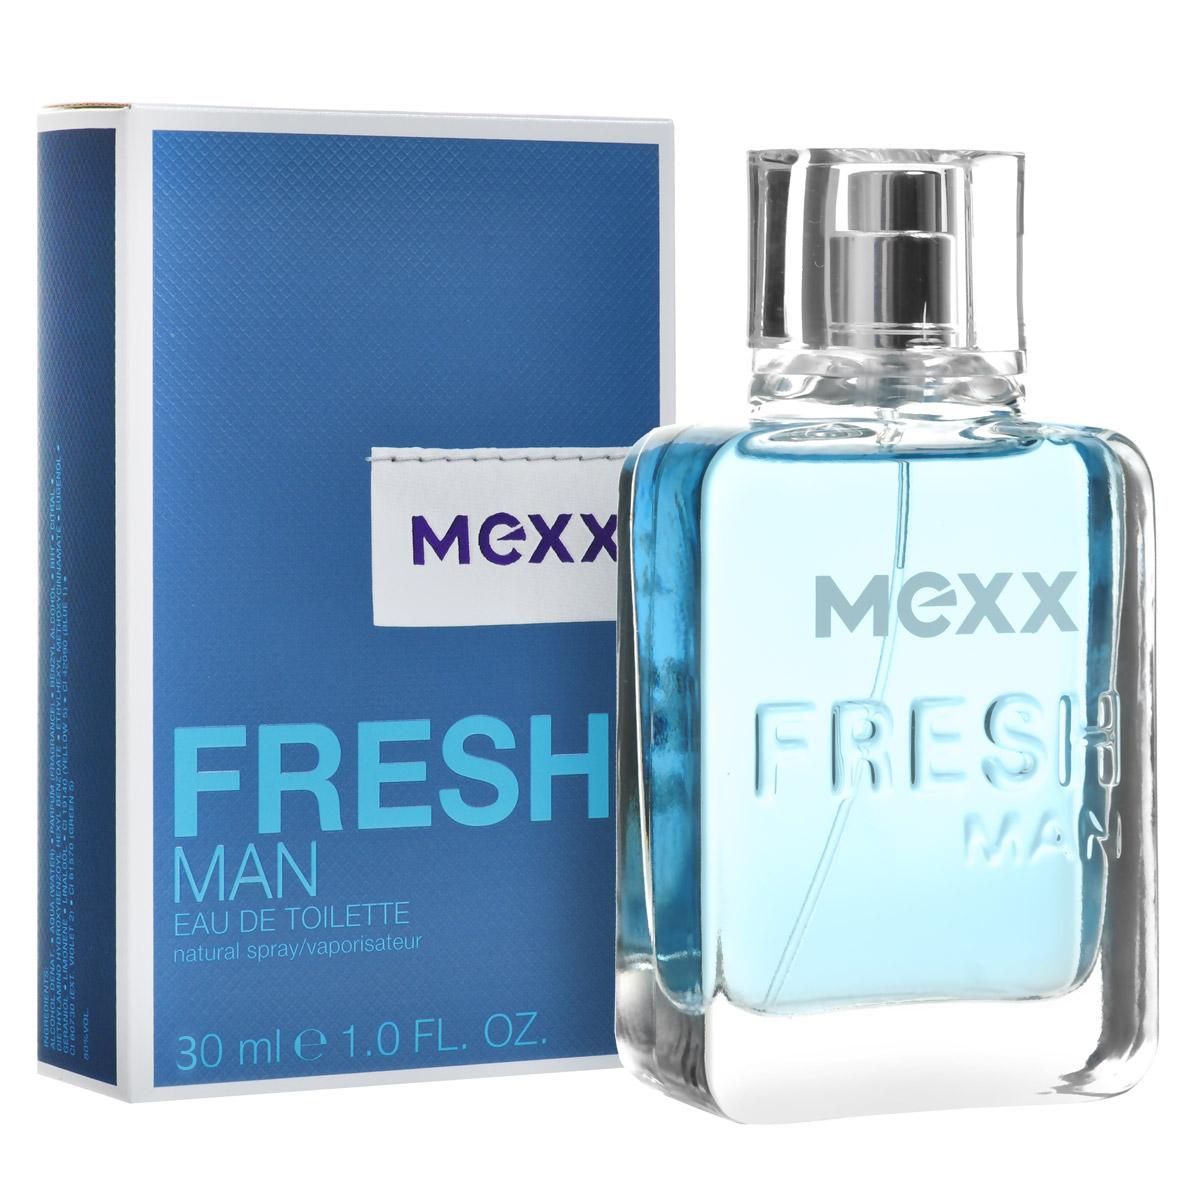 Mexx Туалетная вода Fresh Man, 30 мл0737052682198Мужской древесный водный парфюм Fresh Man создан голландским модным домом Mexx в 2011 году. Этот оригинальный, экзотический, слегка зеленый, чуть фруктовый, немного сливочный, выразительный, легкий, чистый, бодрящий древесный аромат с нотами амбры от Mexx напоминает свежий морской бриз, он придаст энергии, зарядит оптимизмом и подарит хорошее настроение на весь день. В букет композиции Fresh Man входит маракуя, зеленый кориандр, мускатный орех и амбра. Парфюм подходит для использования в качестве дневного аромата, лучше всего раскрывается в теплую весеннюю и летнюю погоду. Верхняя нота: Маракуя. Средняя нота: зеленый кориандр, мускатный орех. Шлейф: Амбра. Теплый, манящий мускатный орех и кориандр придают сердцу аромата мягкость и зрелость, а нижняя нота представлена древесно-амбровым сочетанием, несущим прозрачность, легкость и свет. Дневной и вечерний аромат.Краткий гид по парфюмерии: виды, ноты, ароматы, советы по выбору. Статья OZON Гид